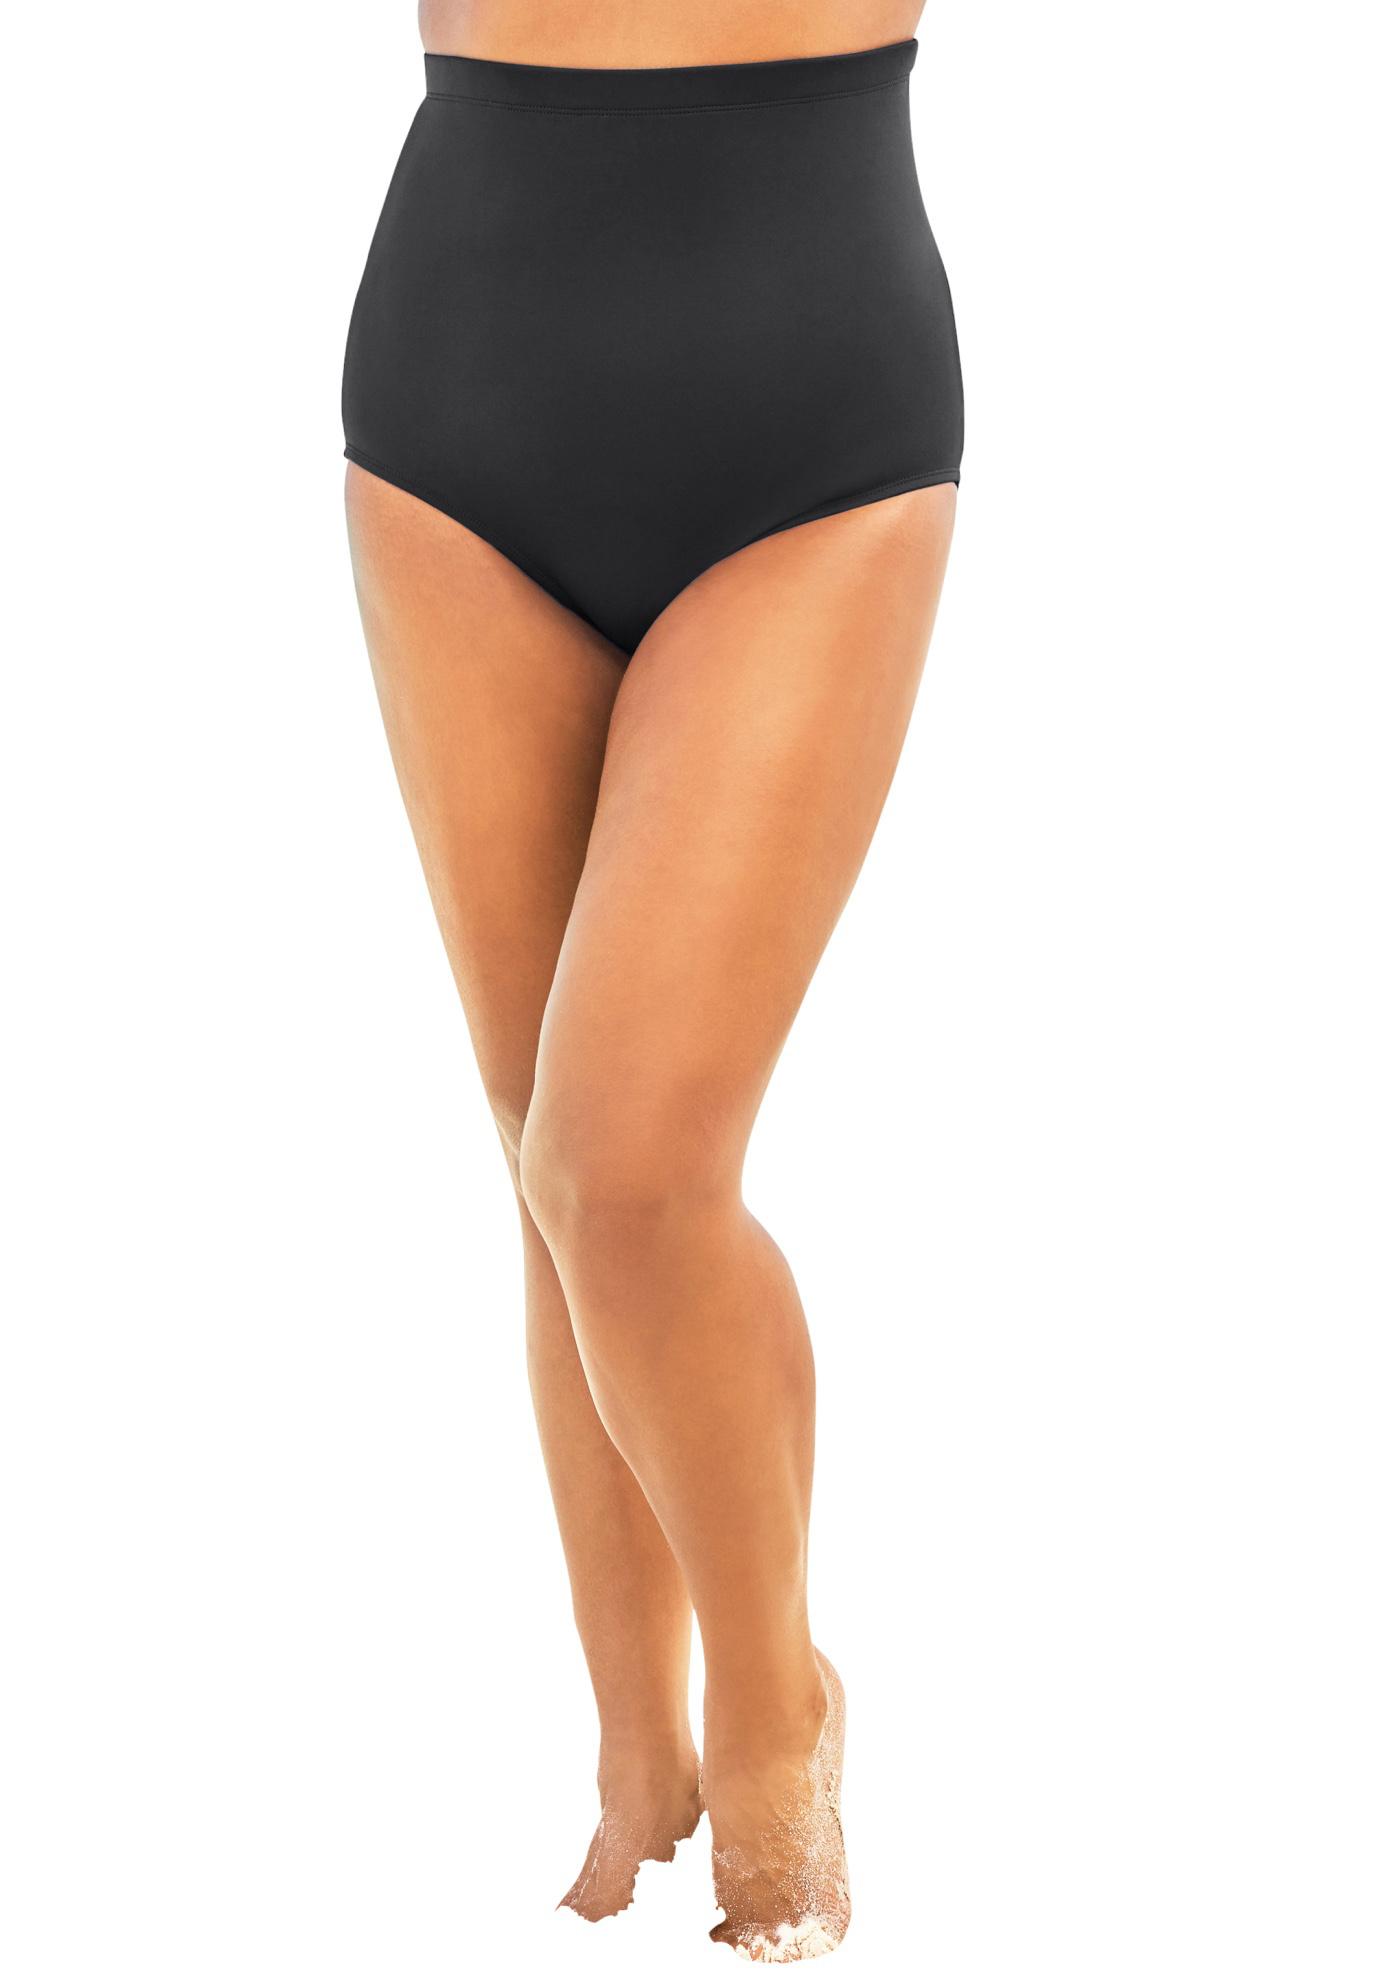 Plus Size Women's High-Waist Swim Brief with Tummy Control by Swim 365 in Black